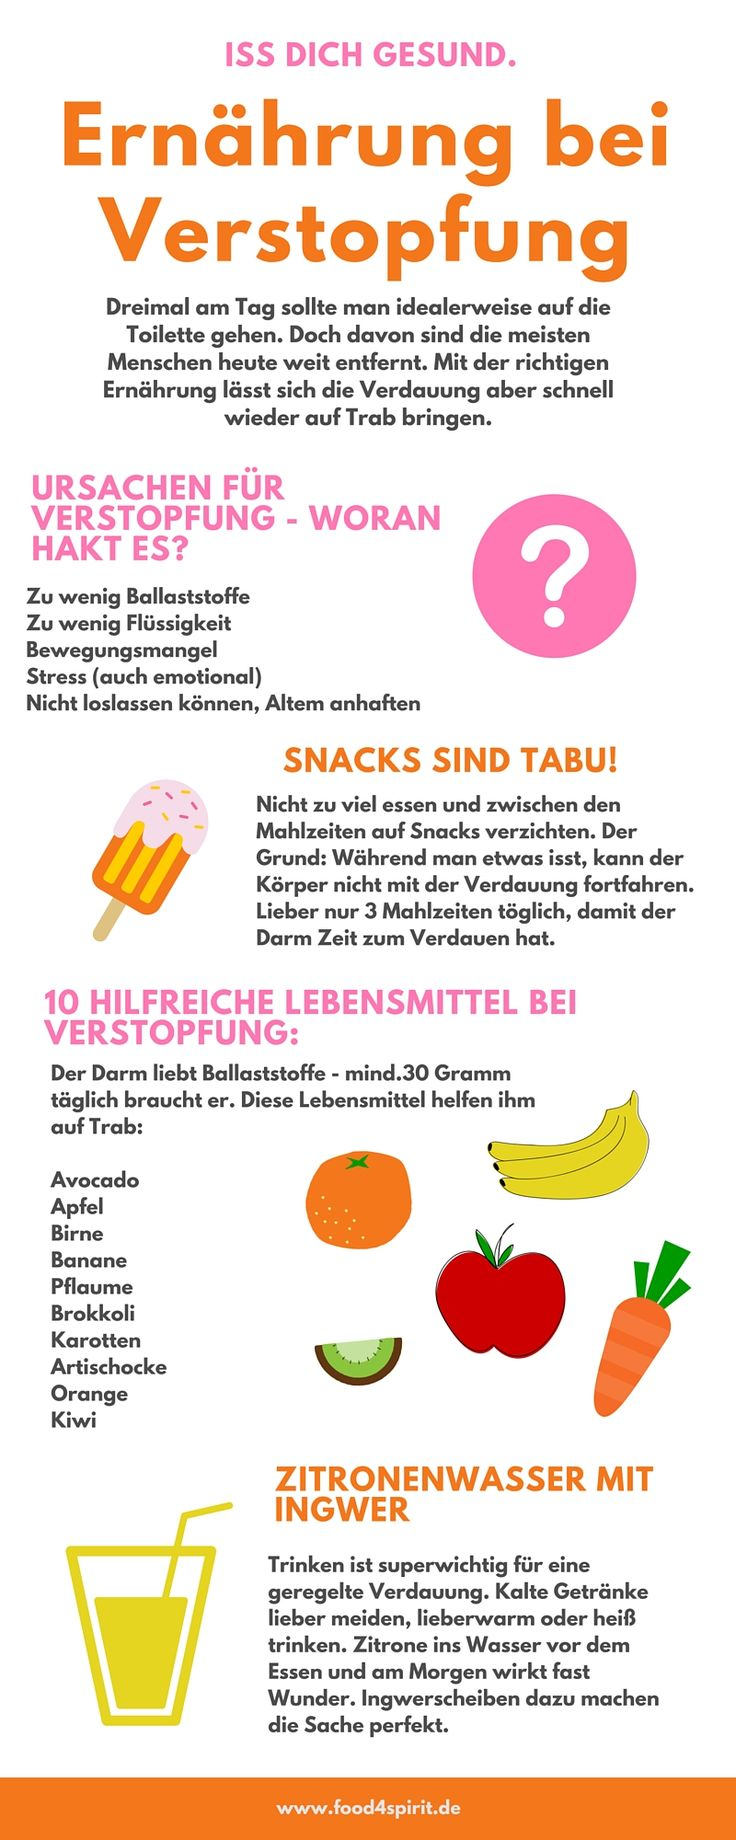 Infografik: Ernährung bei Verstopfung. Hier steht, welche Lebensmittel und Getränke den Darm auf Trab bringen. Geeignet bei einer Nahrungsmittelunverträglichkeit oder Lebensmittelunverträglichkeit wie Laktoseintoleranz, Fructoseintoleranz, Glutenunverträglichkeit sowie Reizdarm und während der FODMAP-Diät.